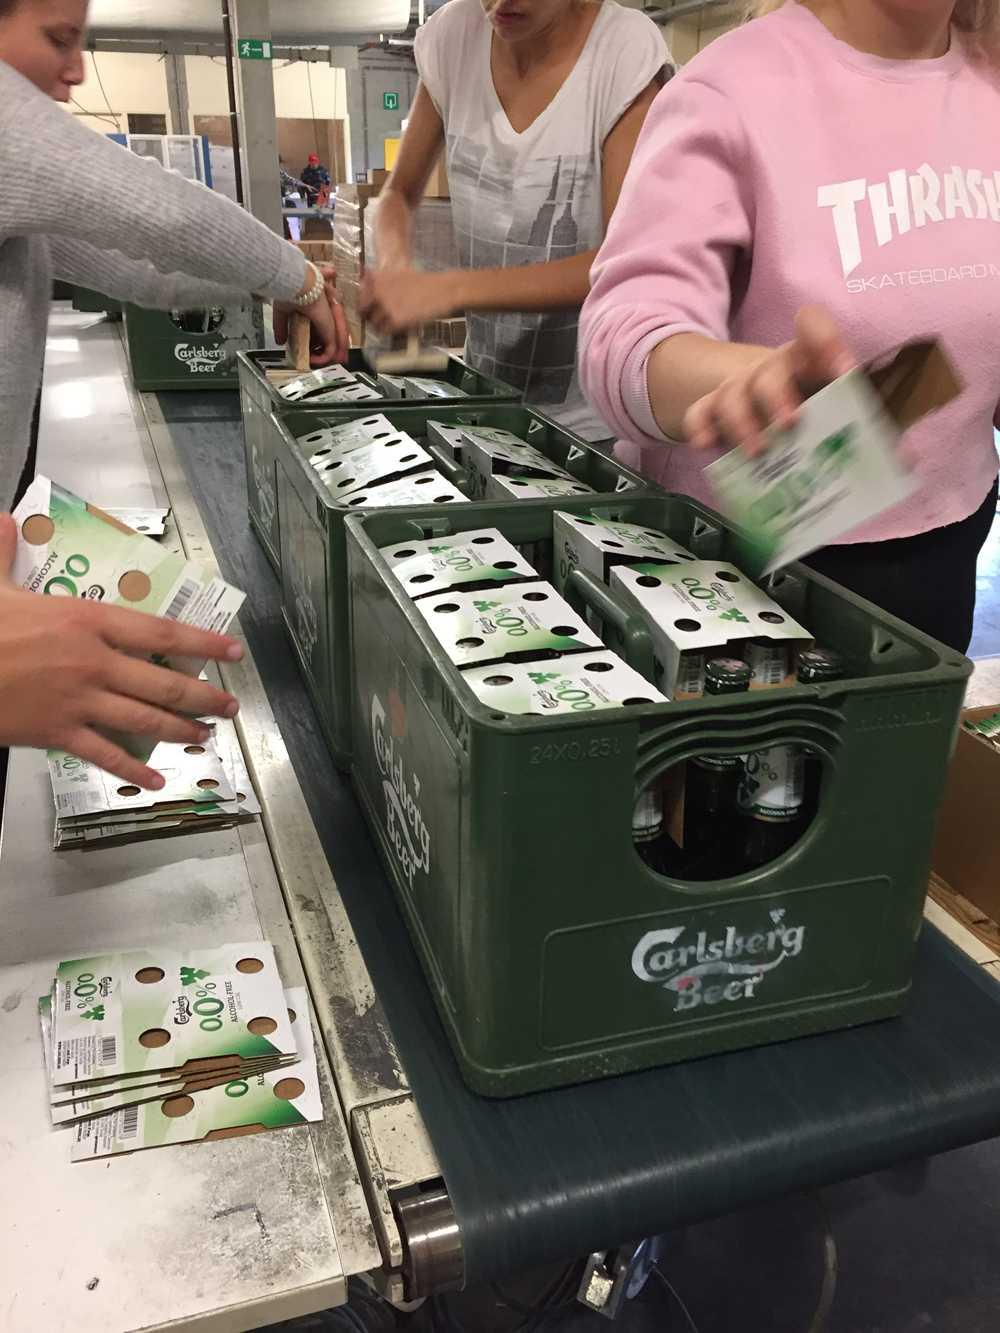 Clipping bottles Carlsberg